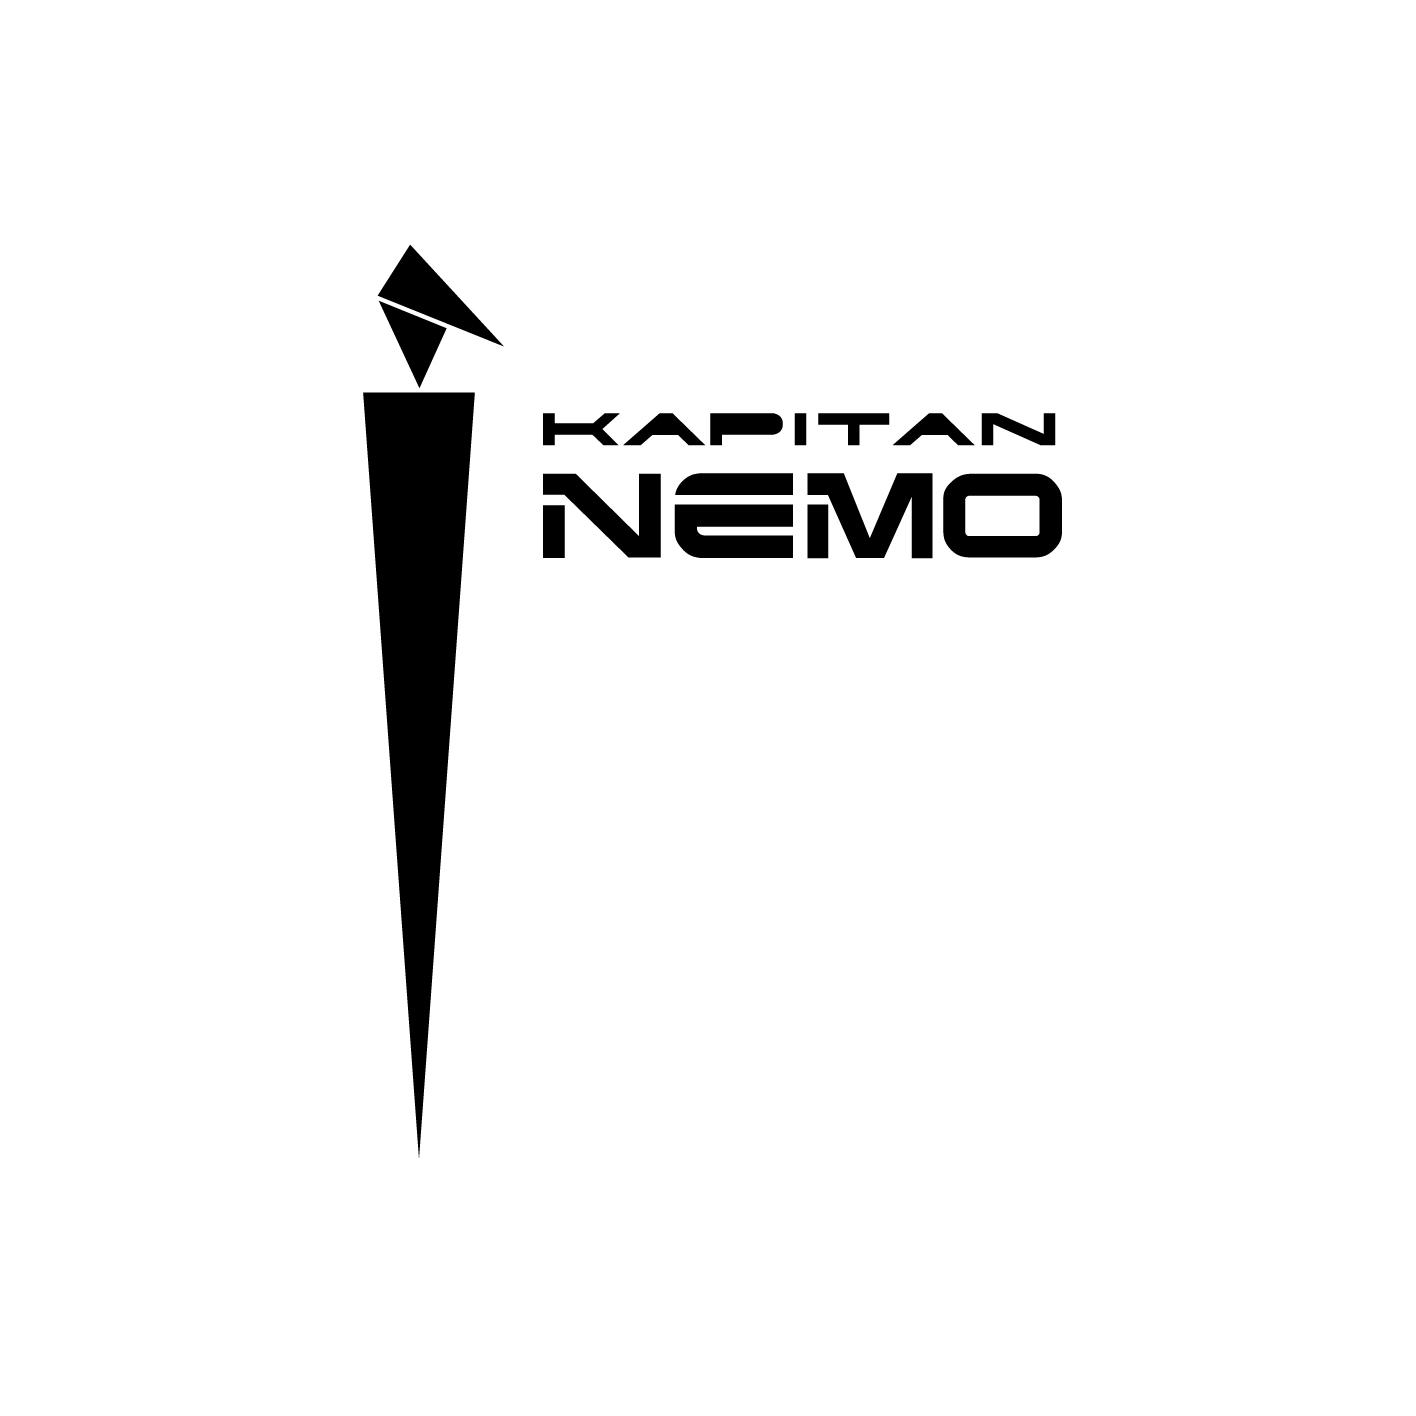 Kapitan Nemo. Polski wokalista i kompozytor. Muzyk, synth pop, new romantic. Oficjalna strona artysty. Dyskografia, historia, trasy koncertowe. Okładki albumów, płyt, singli.